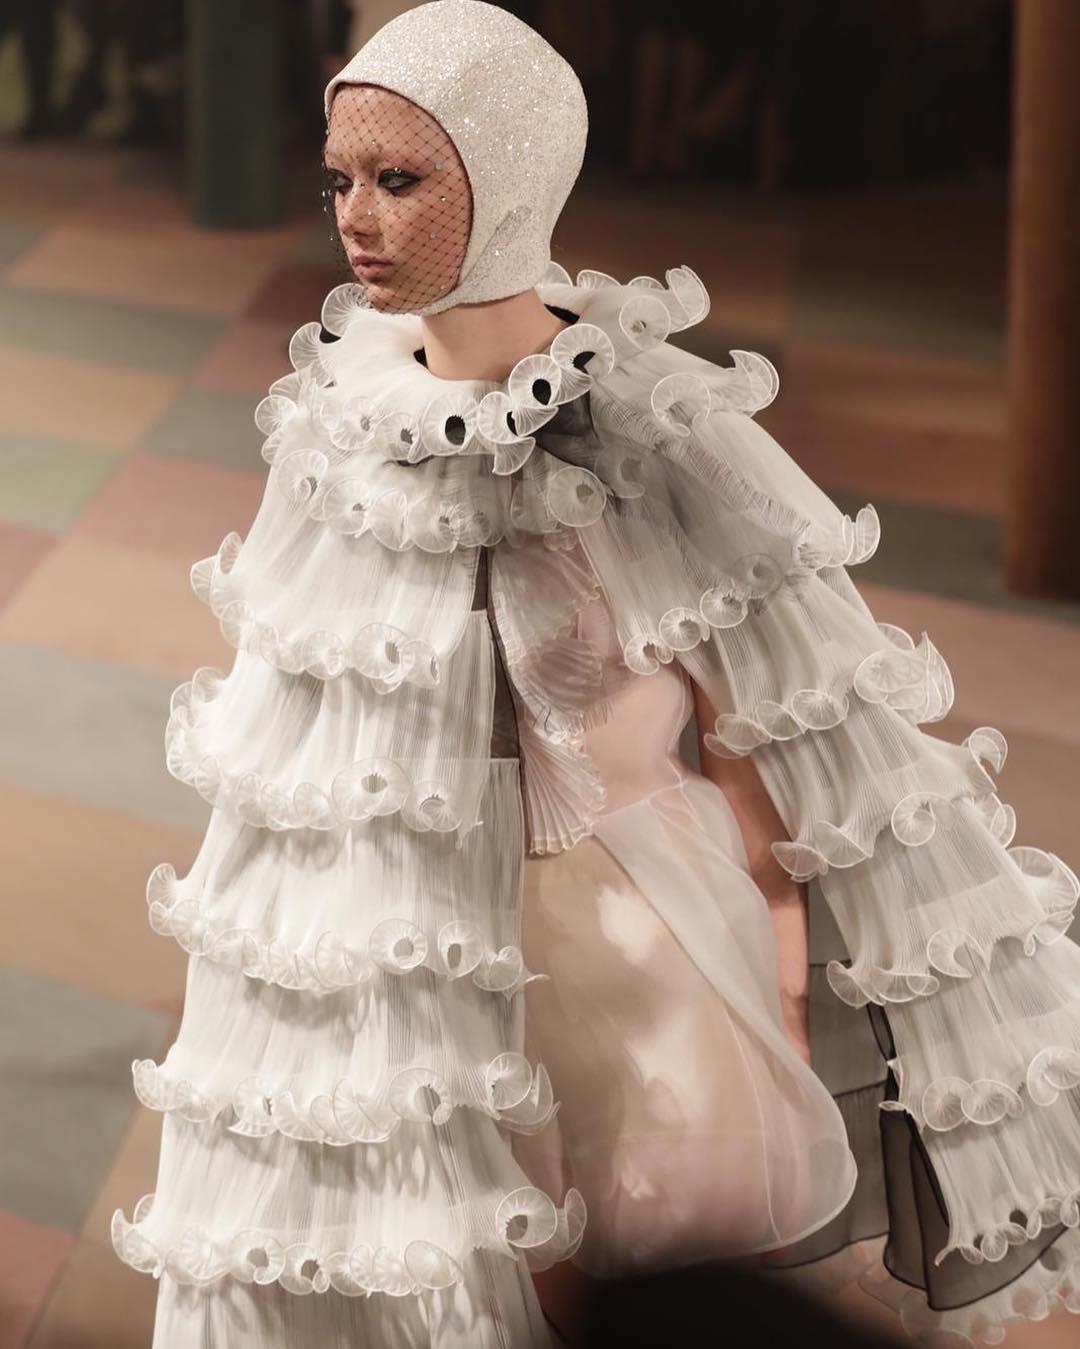 Модели и гимнасты: Christian Dior показал новую коллекцию под куполом цирка